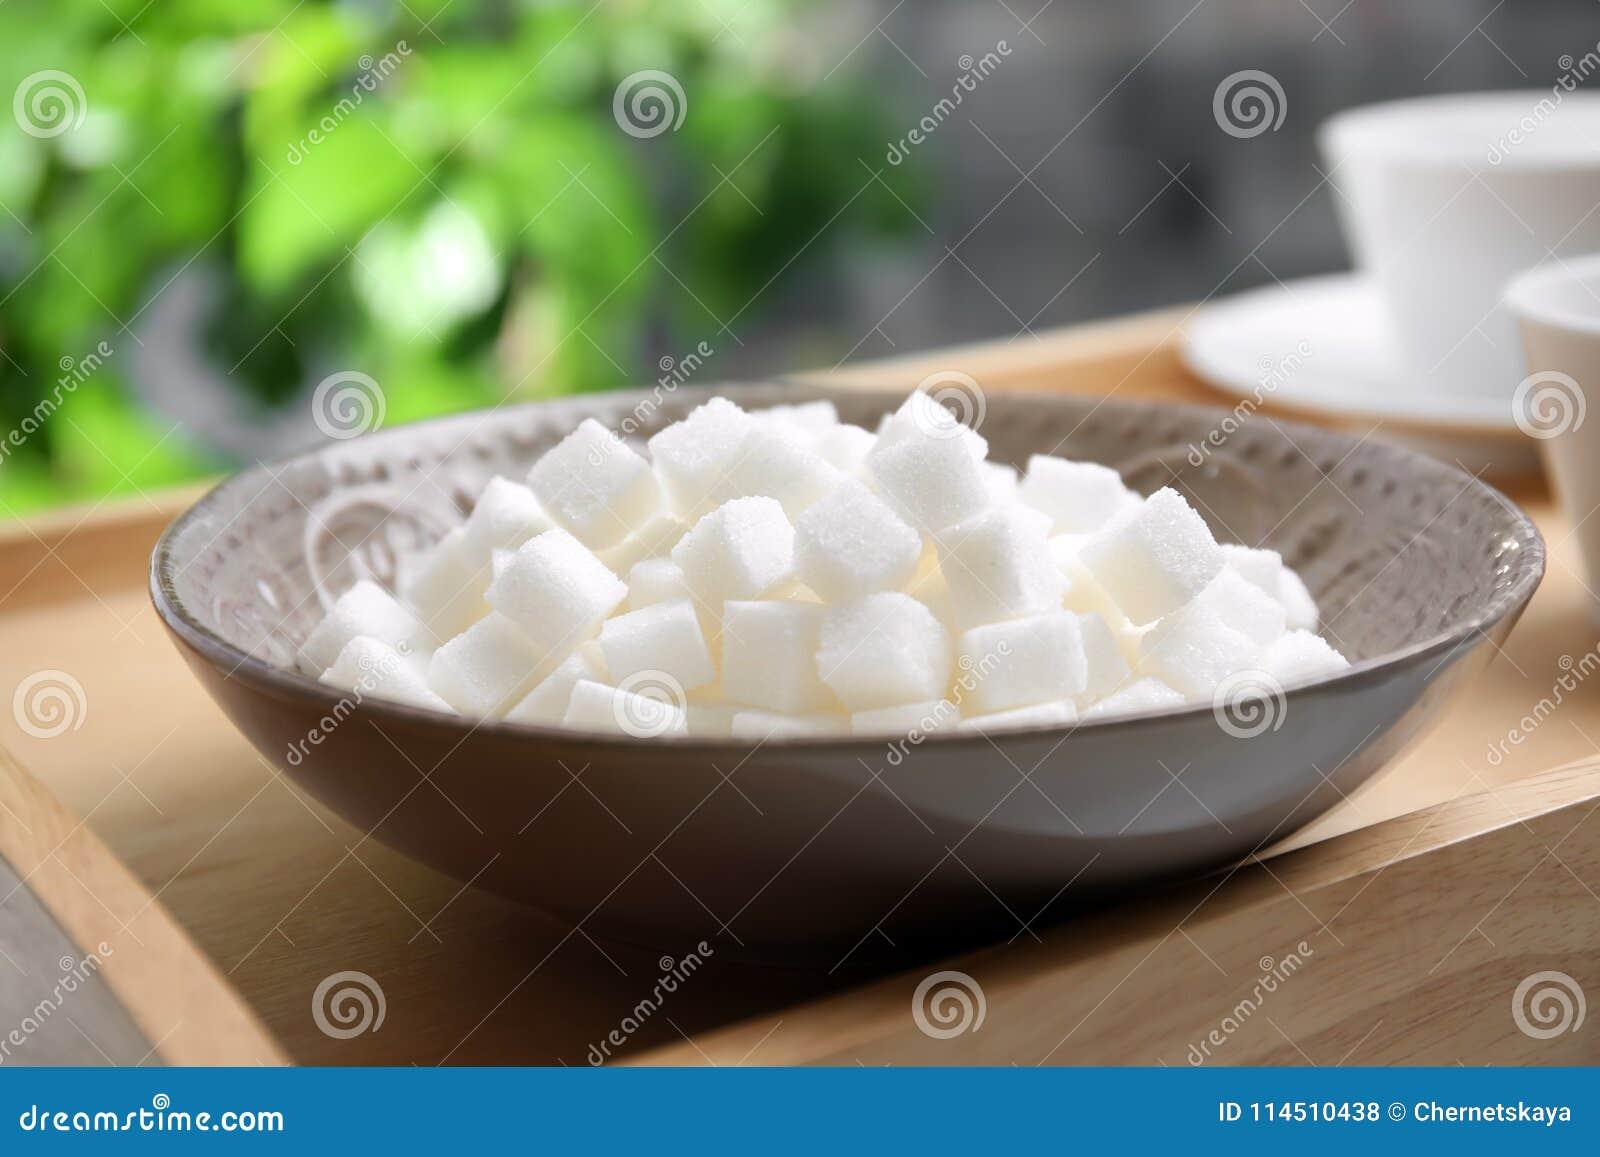 Cuvette avec du sucre raffiné